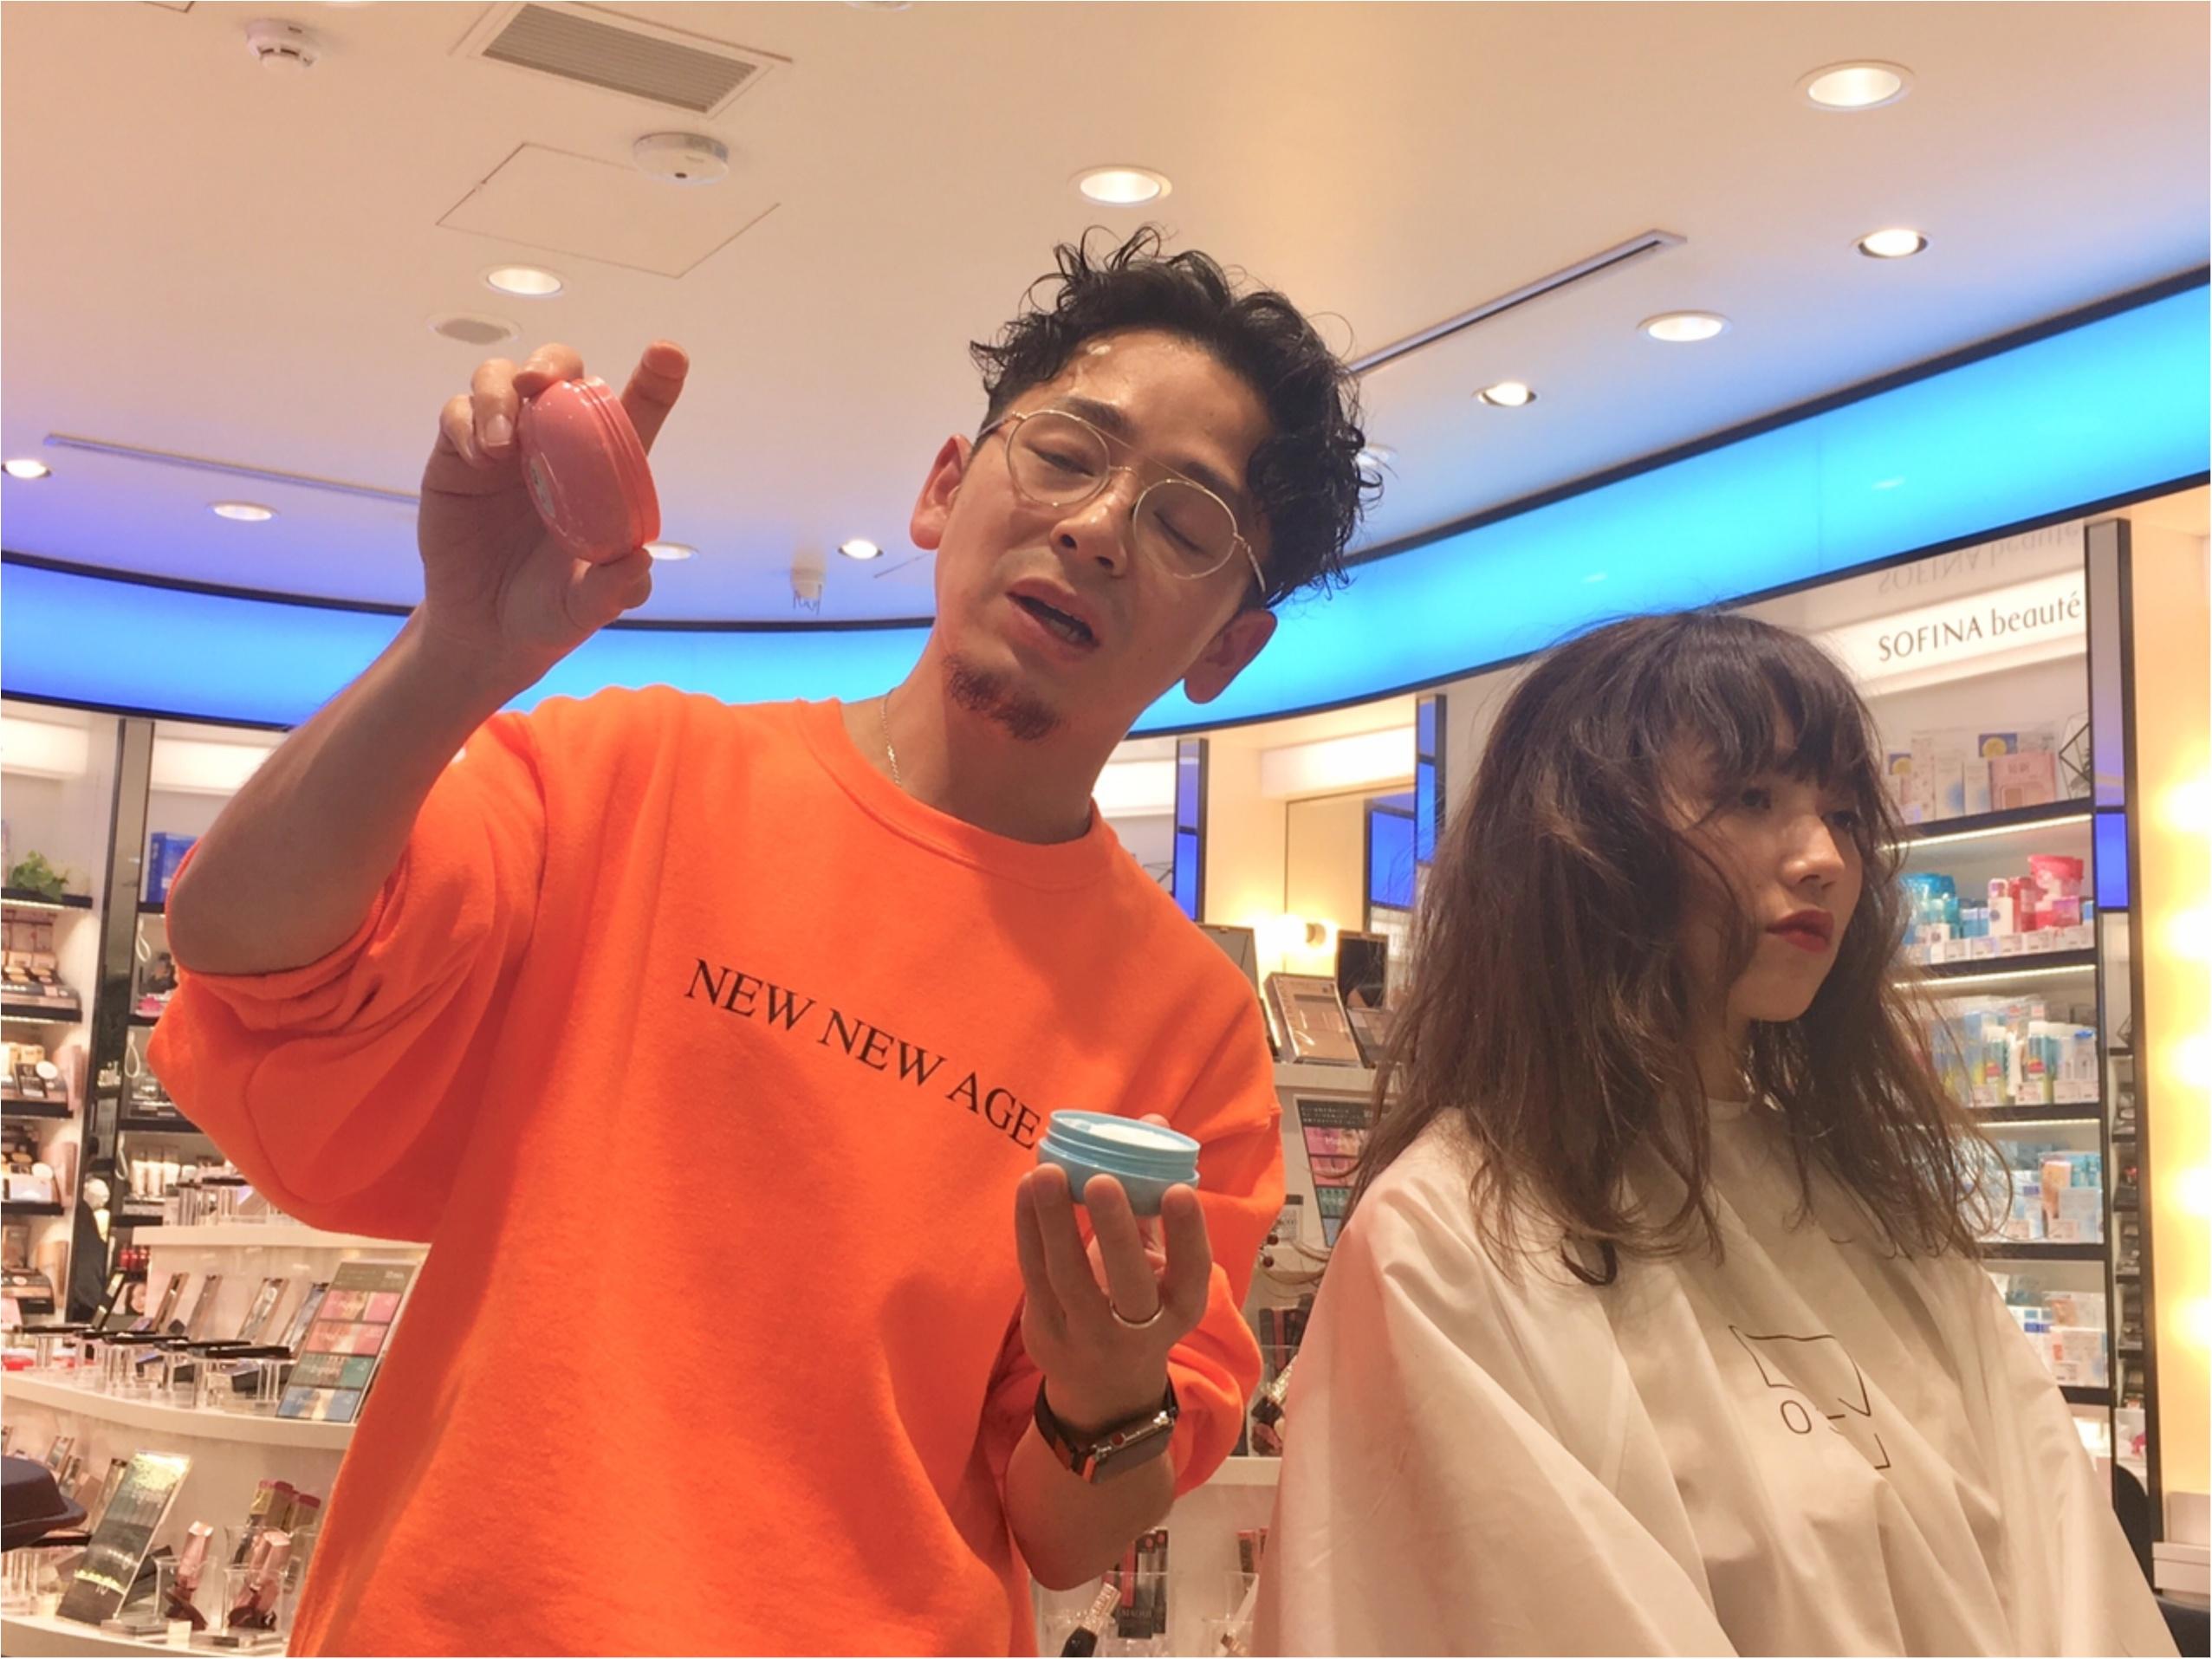 【銀座BeautyU】ヘアスタイリングセミナーでマンネリ解消!?_2